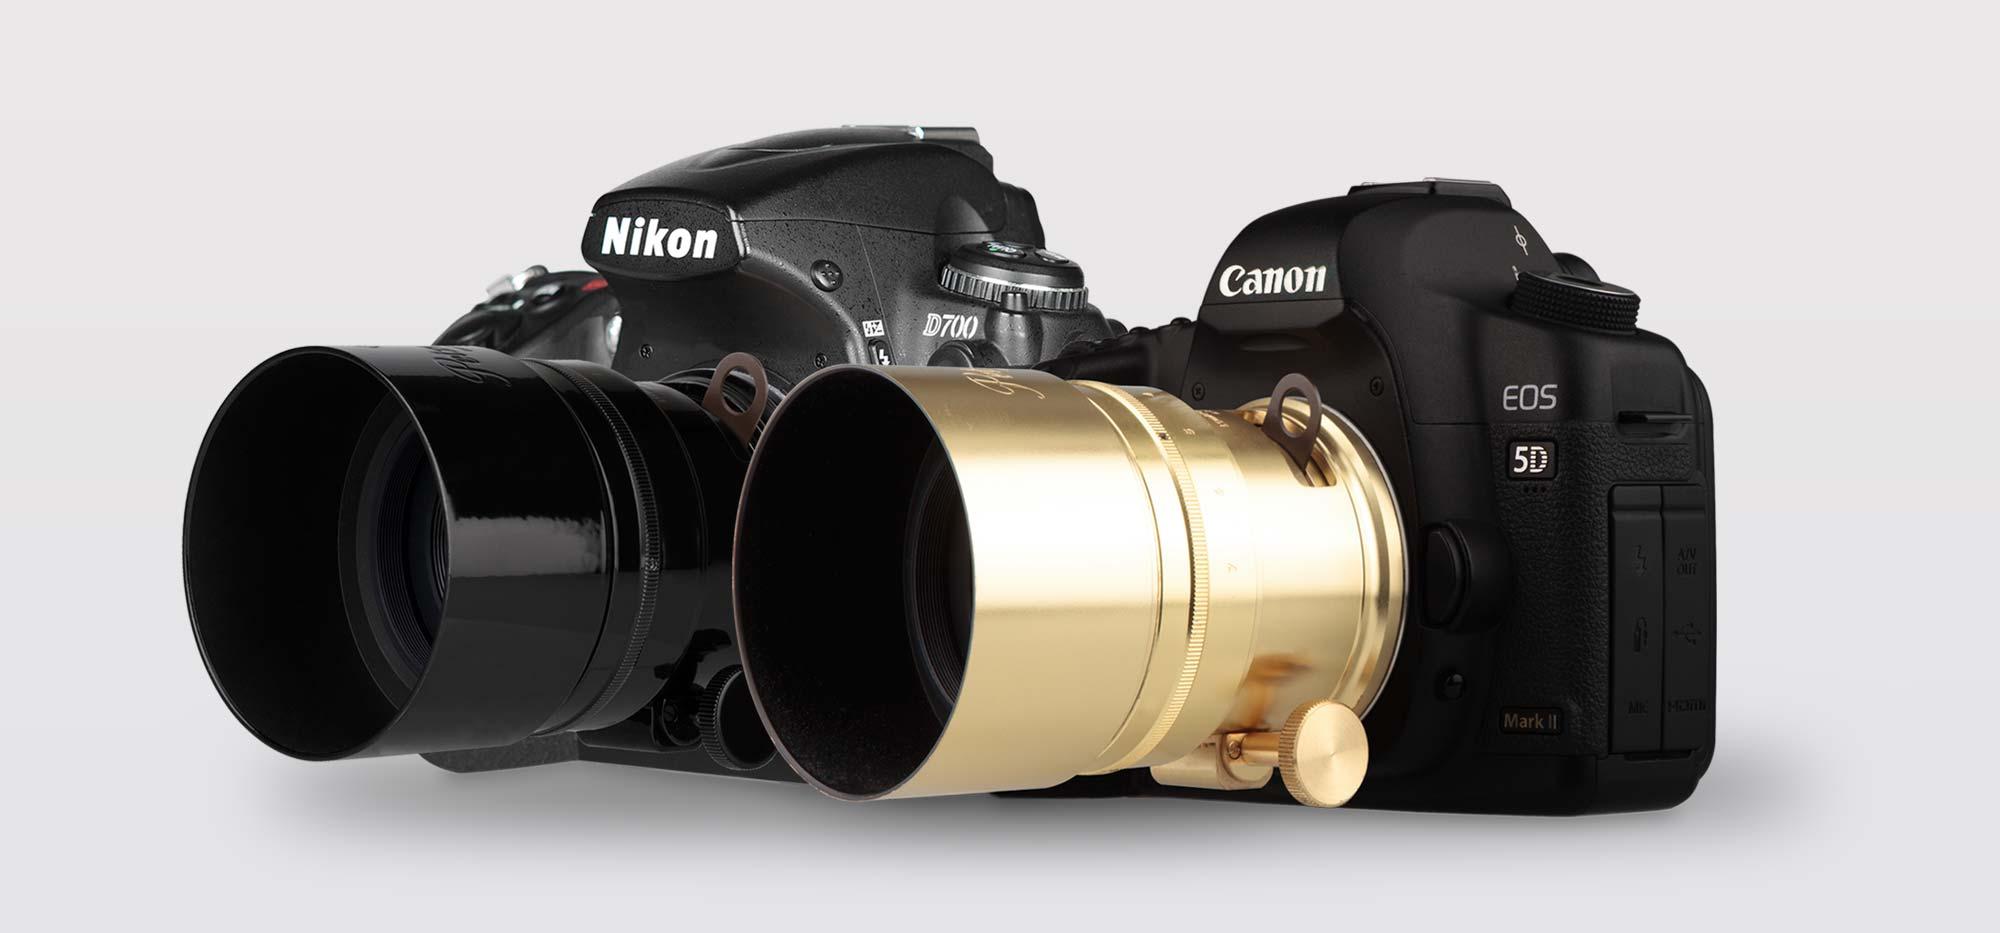 Sold Meyer Optik Lomography Lenses Canon Ef Mount Fm Forums Petzval 85 F 22 Bokeh Control Lens Brass 58mm 19